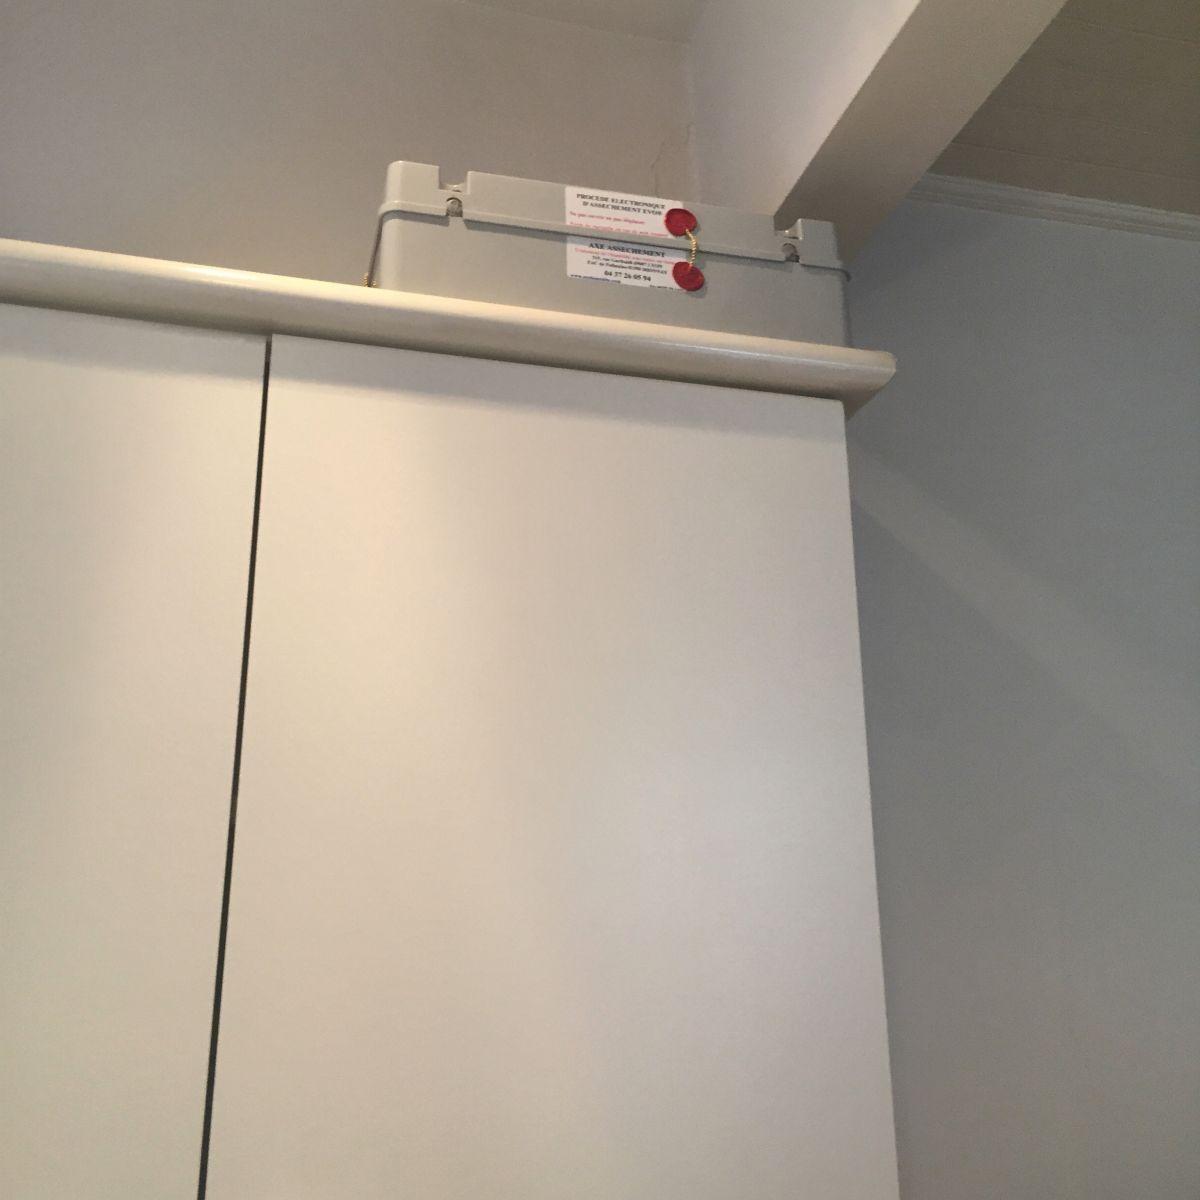 le syst me lectromagn tique solution contre l humidit ascensionnelle traitement humidit. Black Bedroom Furniture Sets. Home Design Ideas